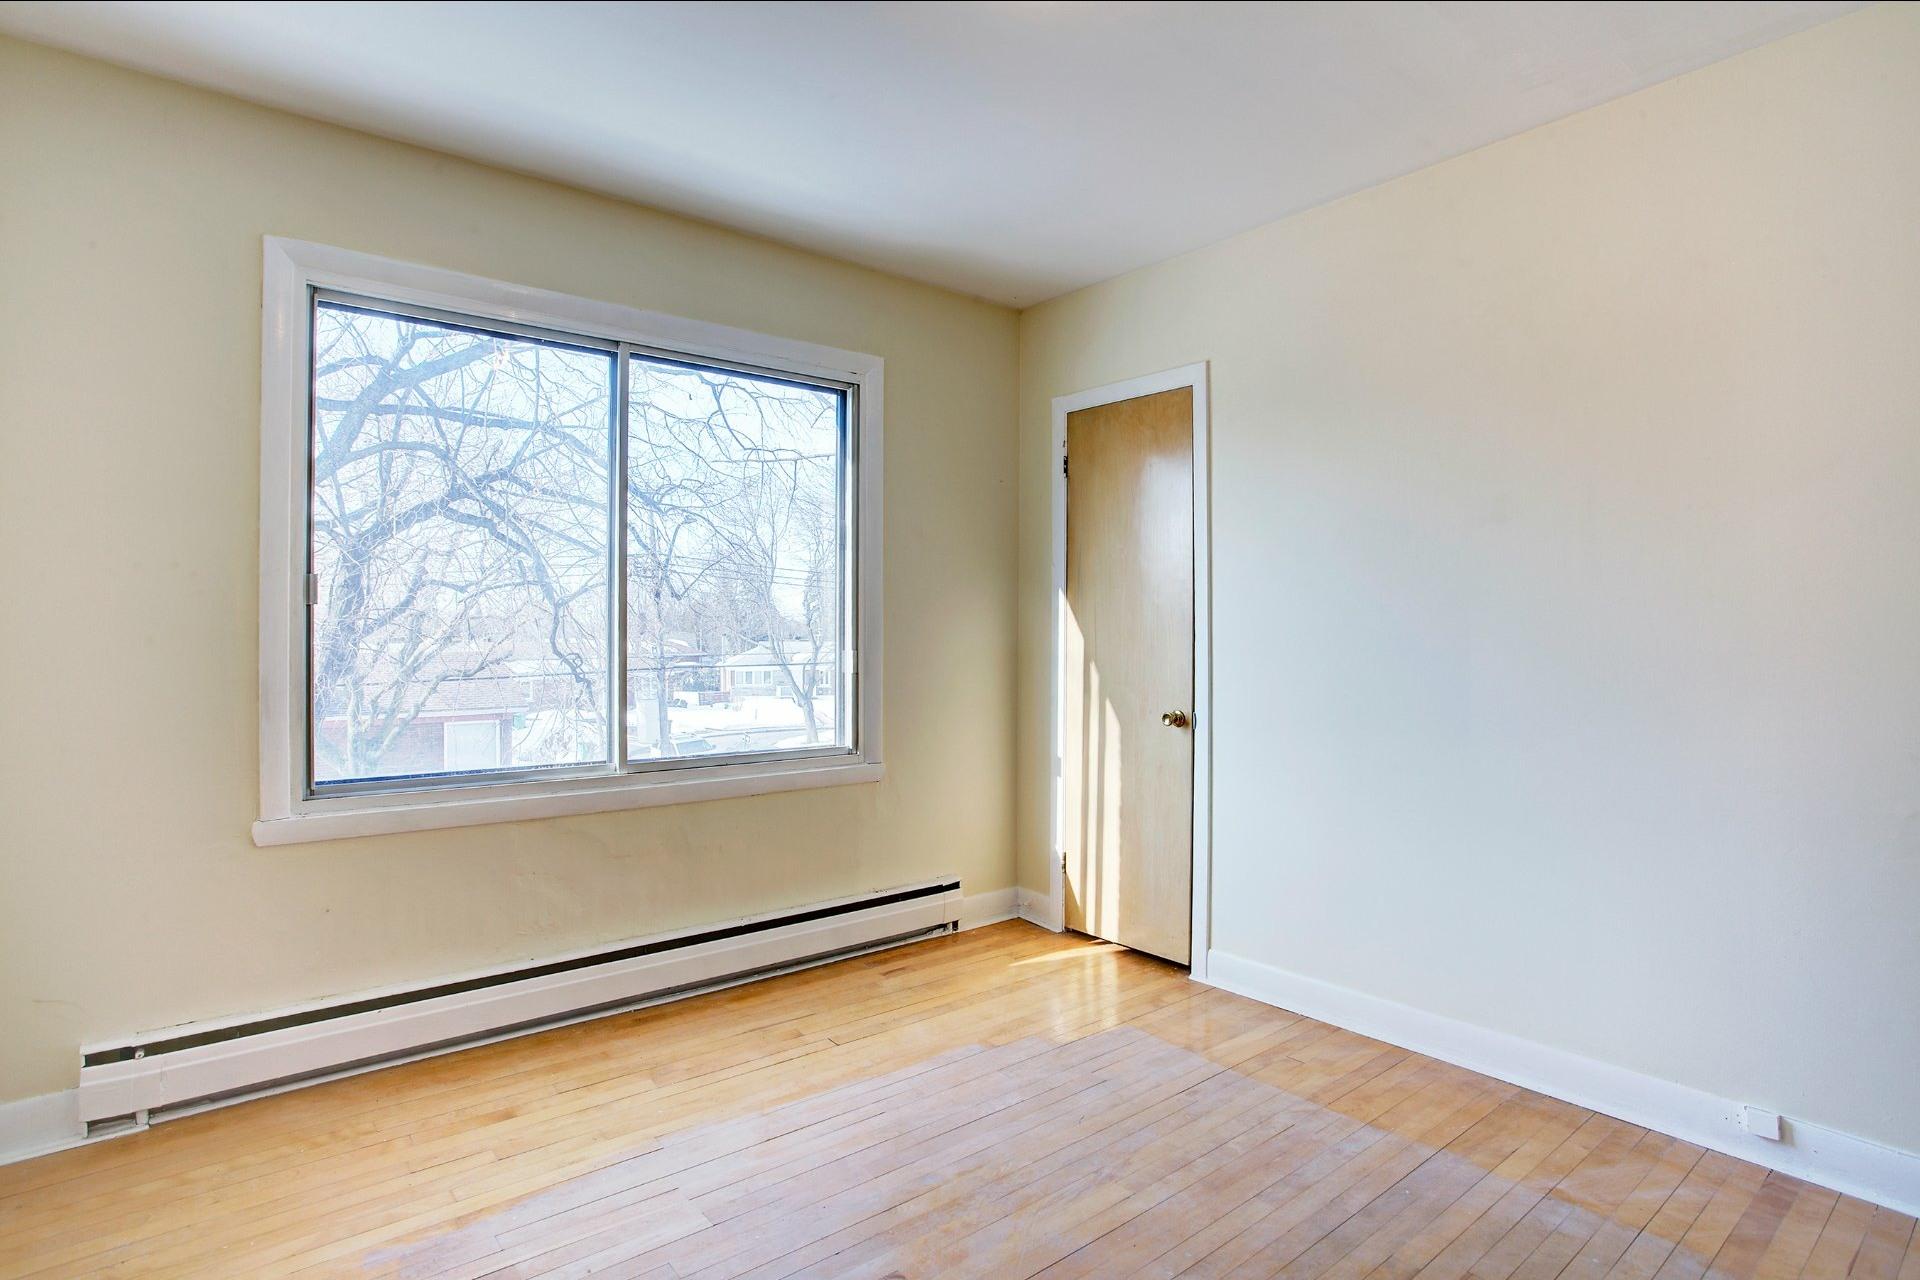 image 10 - Duplex À vendre Saint-Laurent Montréal  - 7 pièces